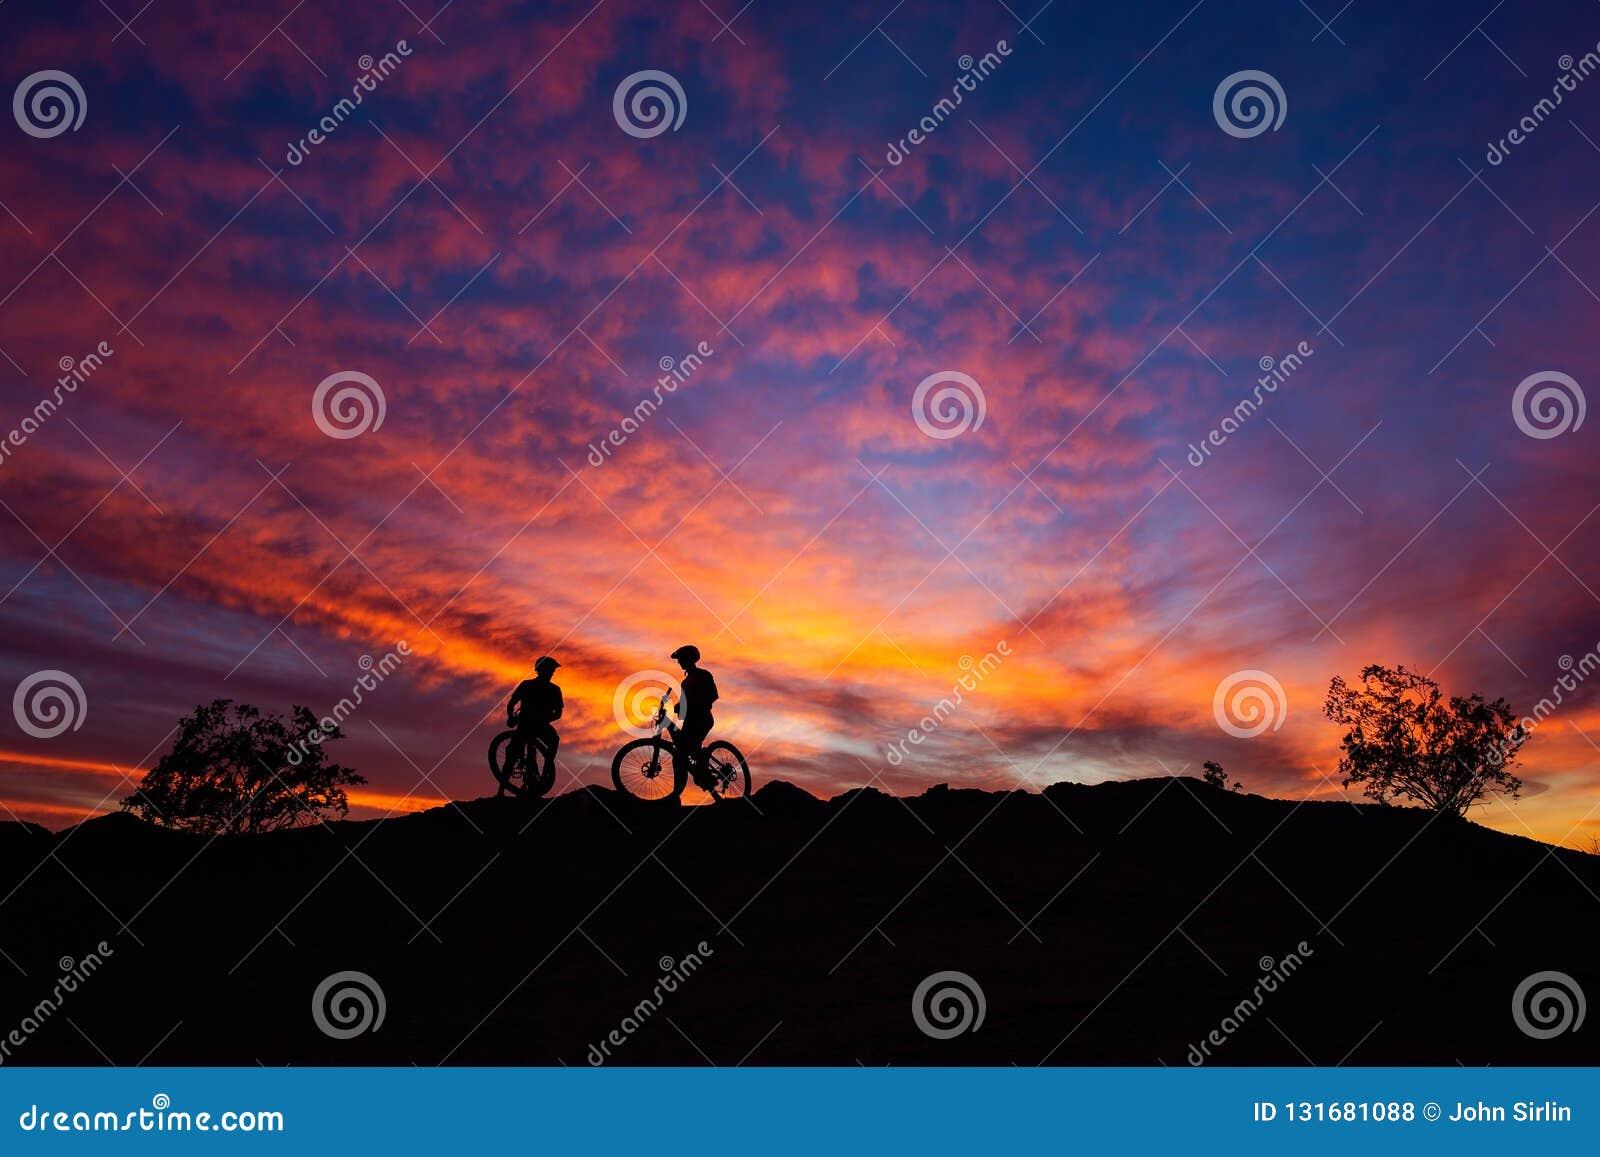 Cyclistes de montagne silhouettés contre un ciel coloré de coucher du soleil en parc du sud de montagne, Phoenix, Arizona